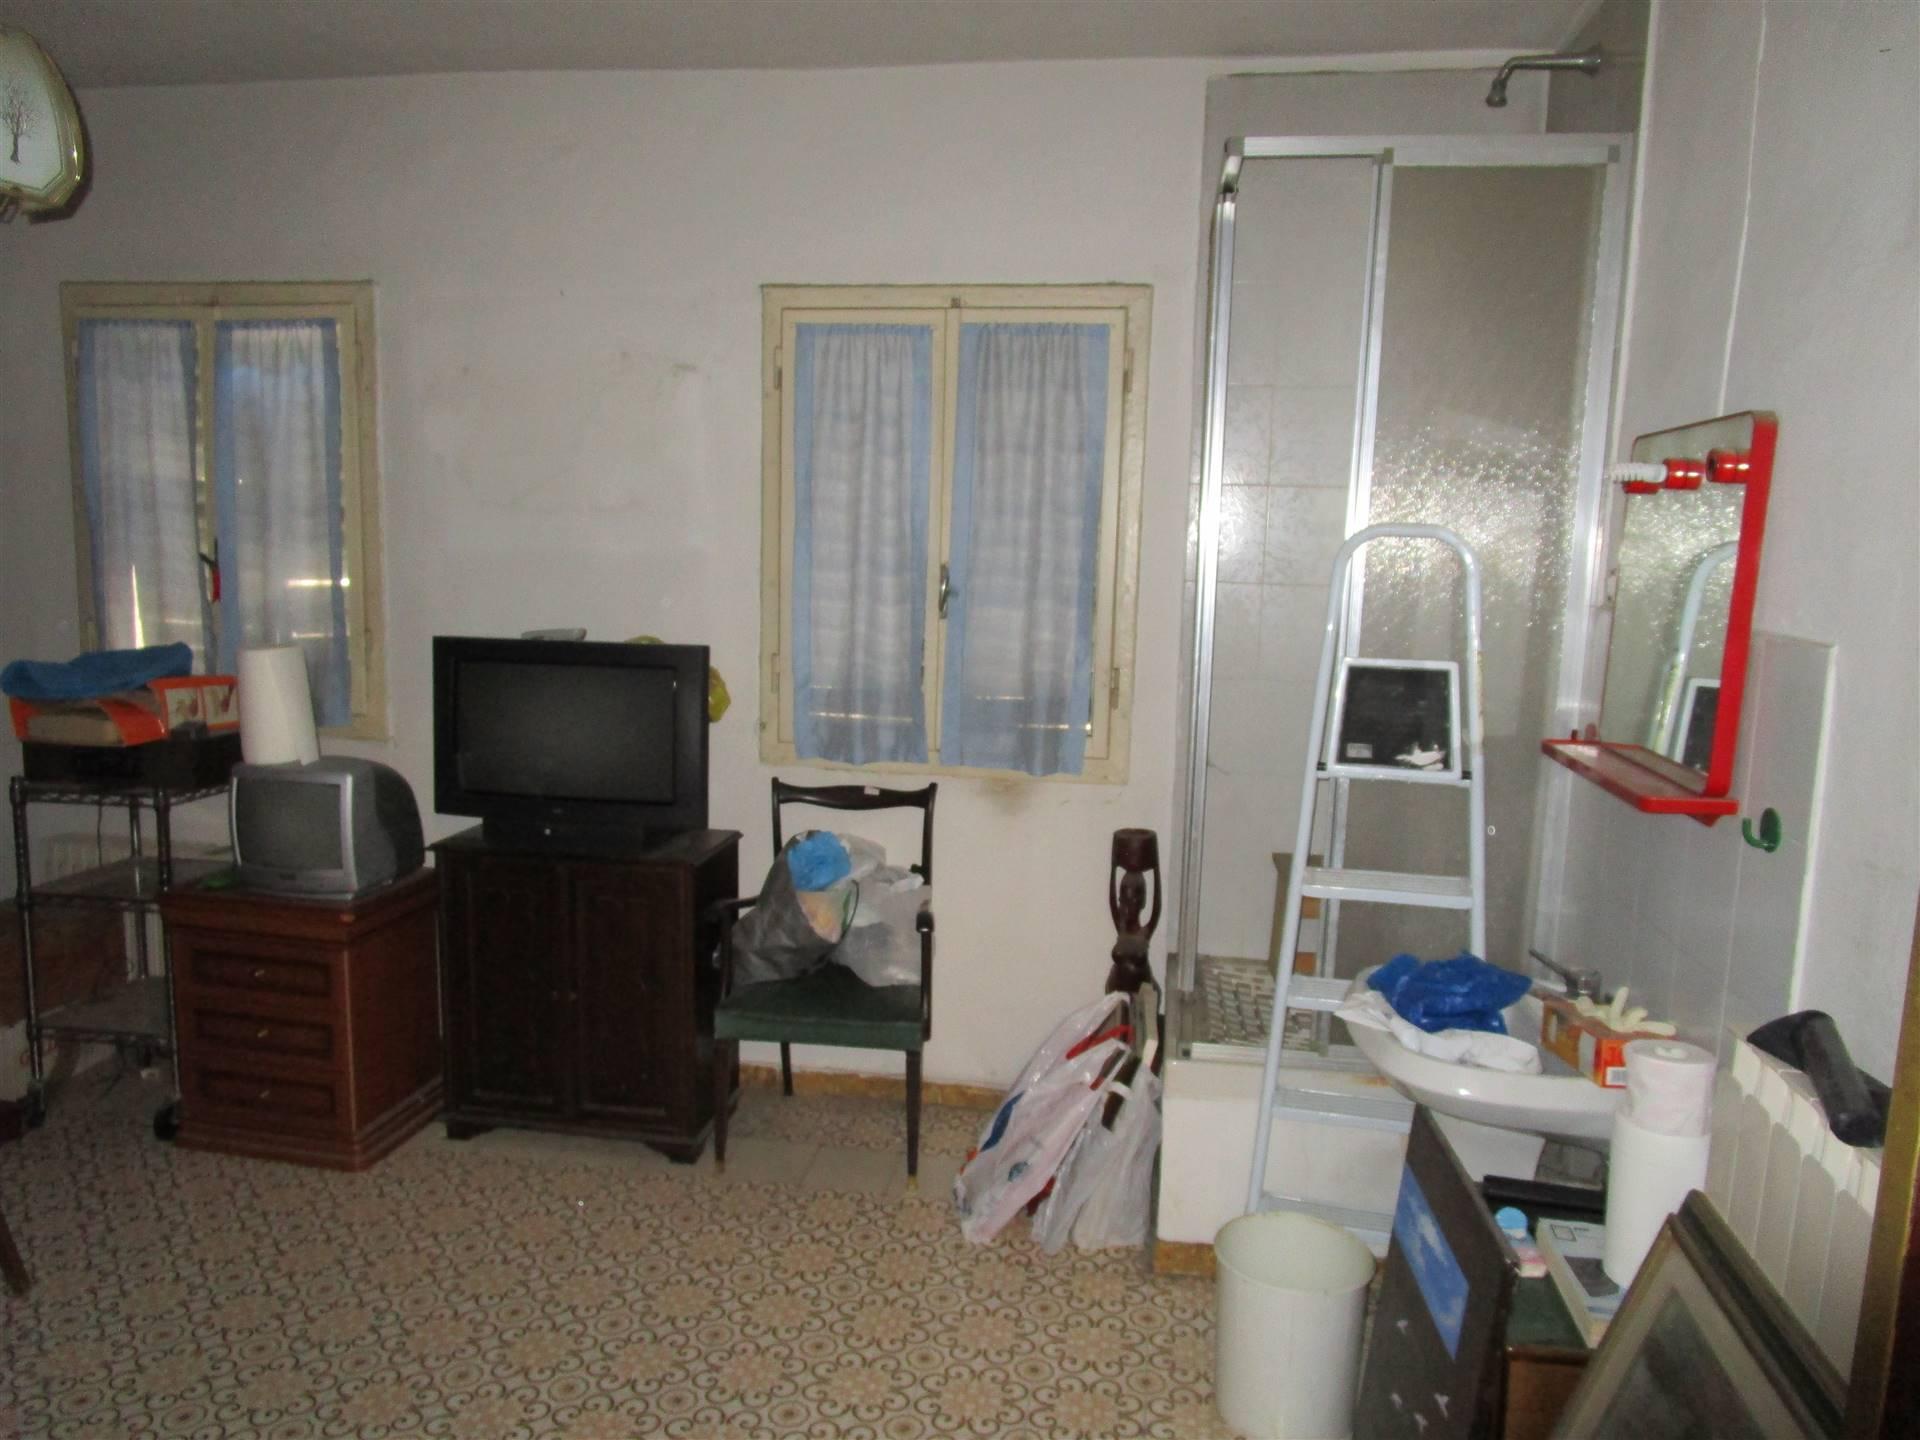 Appartamento in Vendita a Firenze zona Indipendenza - immagine 11